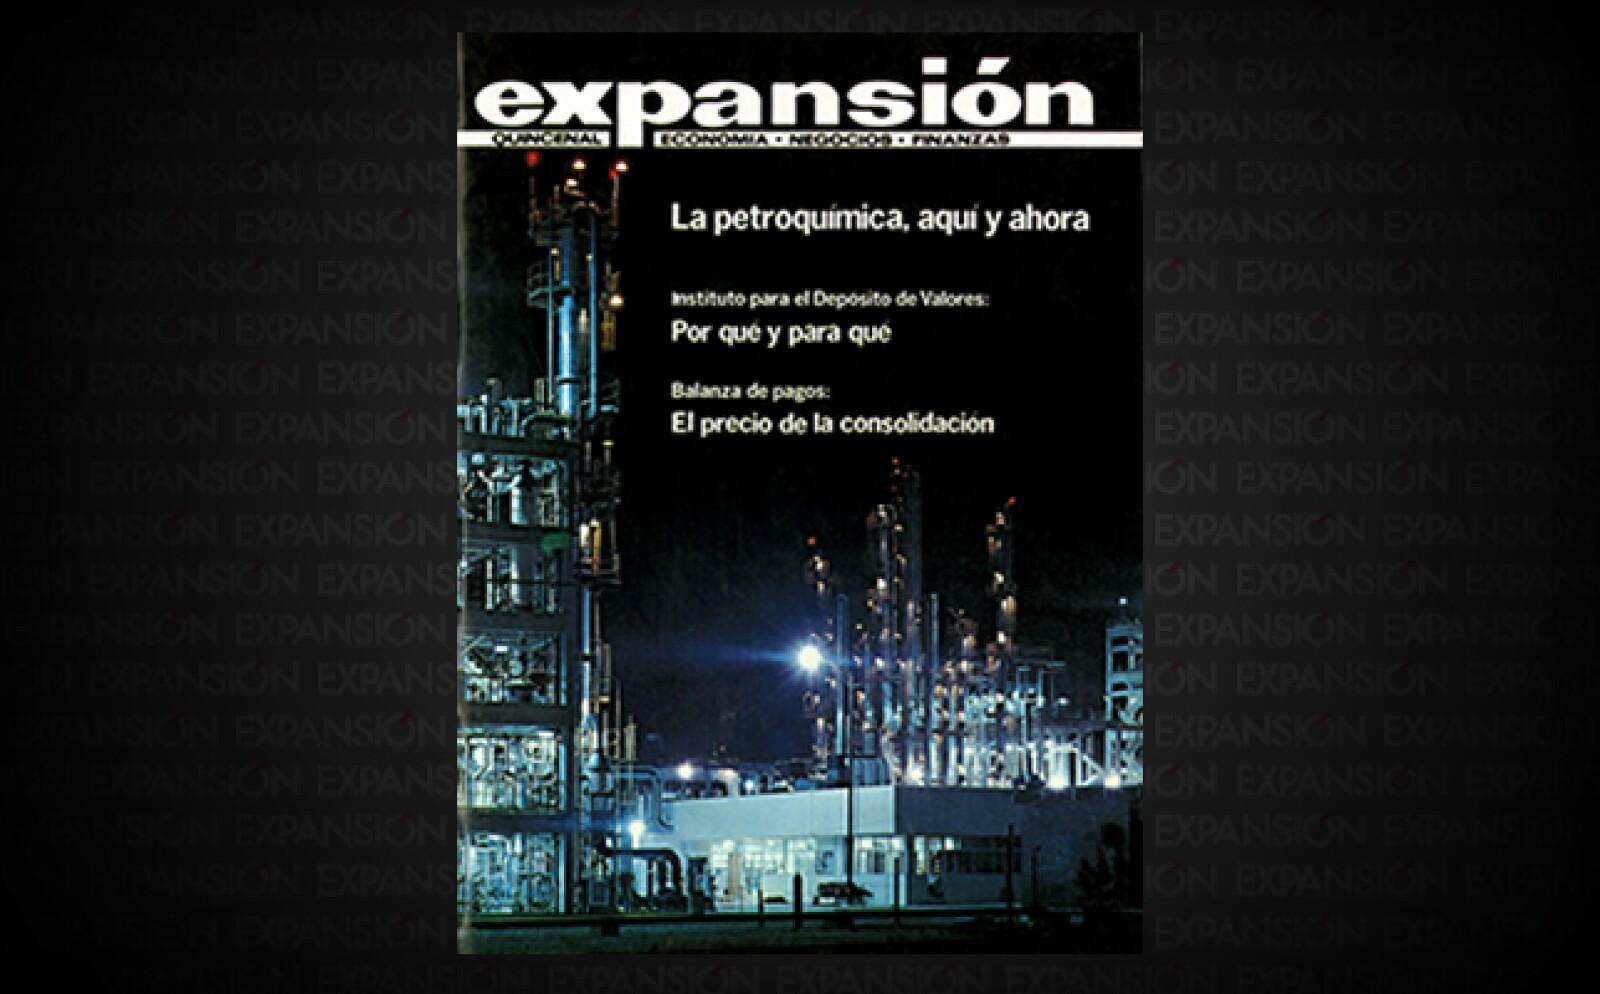 Las voces de entonces hablaban sobre el panorama alentador de la industria petroquímica (básica y secundaria) era alentador, debido a las inversiones del gobierno y del sector privado, y la futura autosuficiencia mexicana.